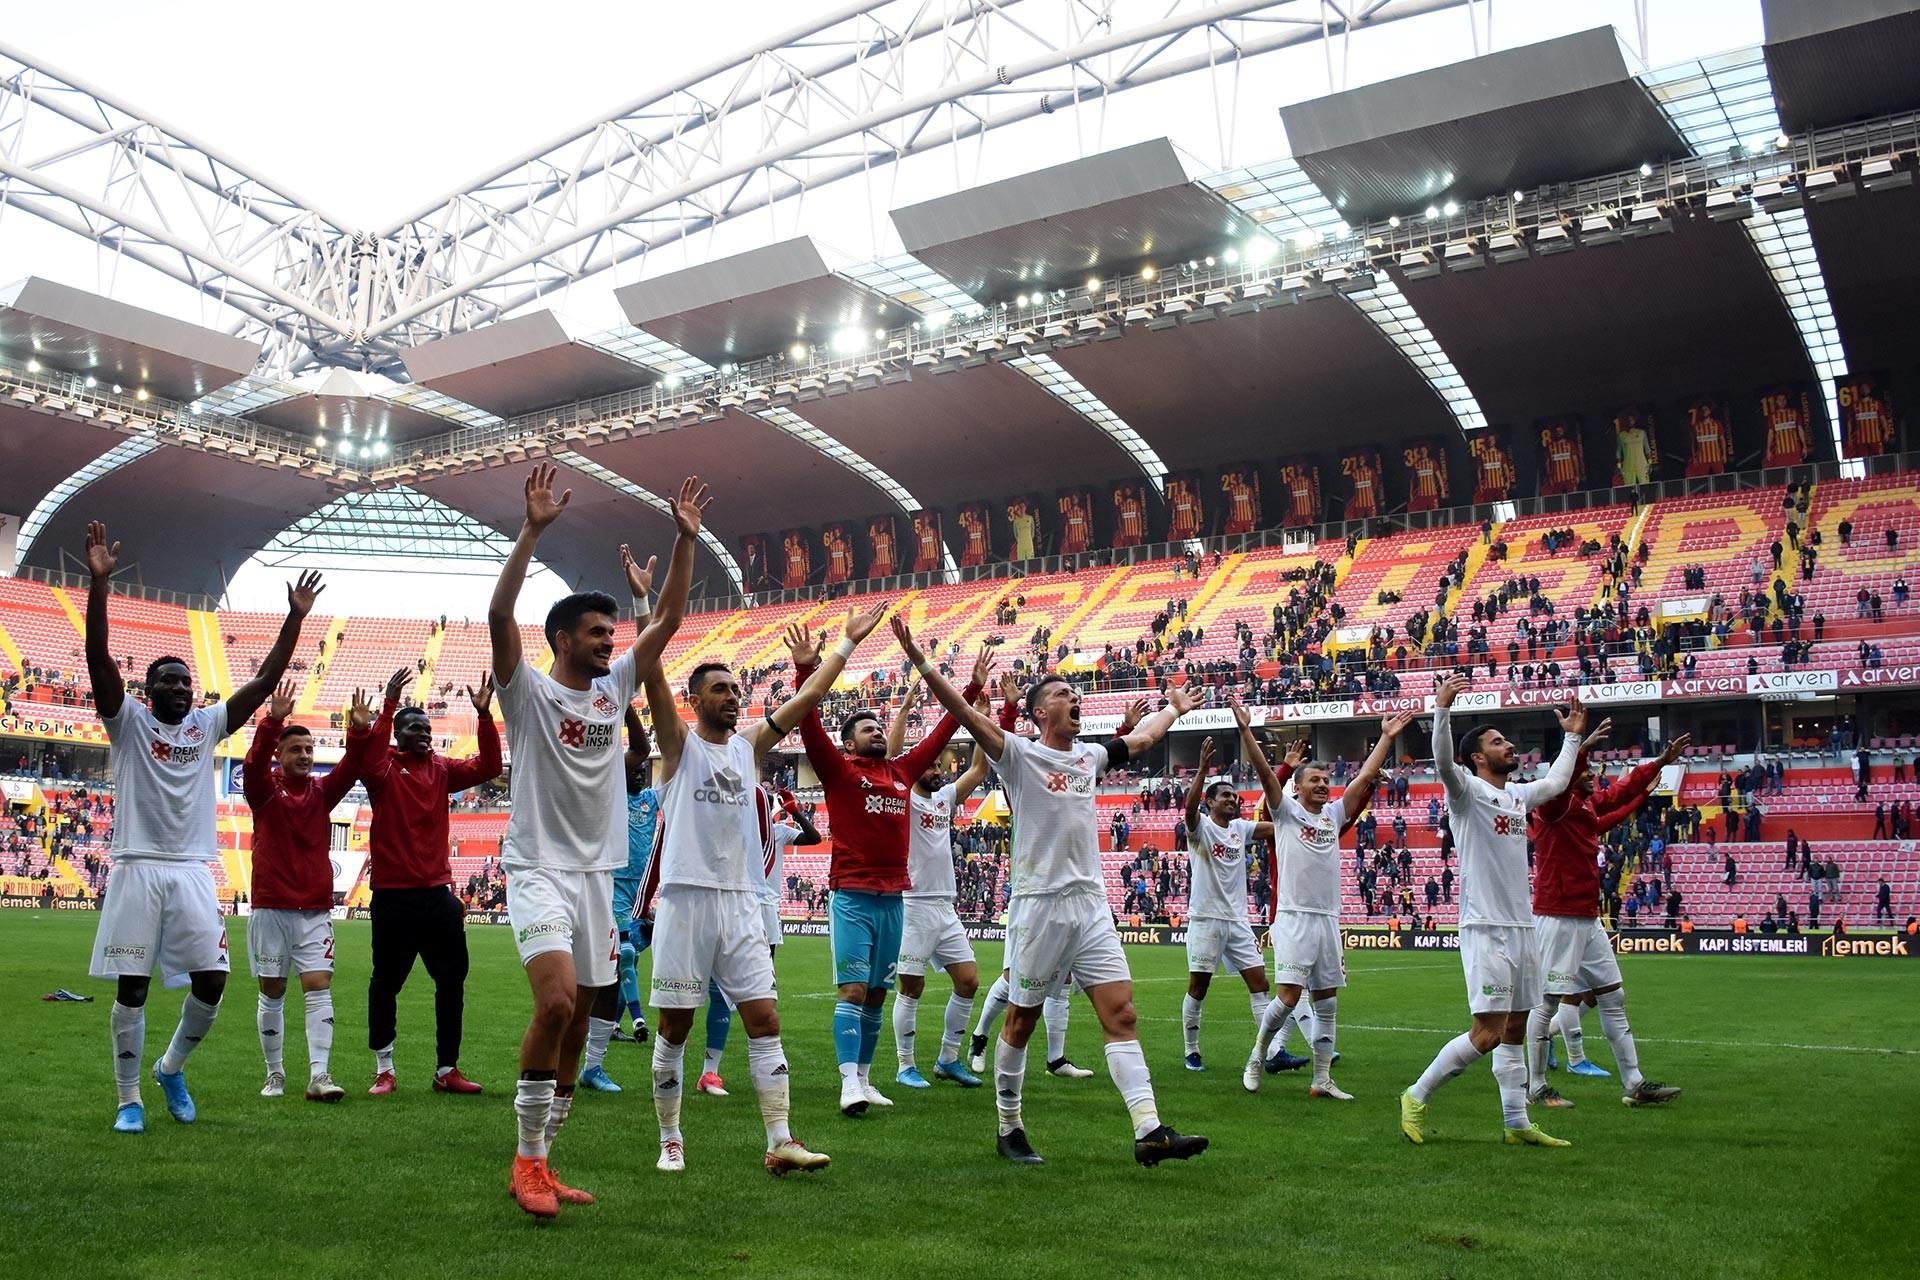 Sivasporlu oyuncular maç sonu galibiyet sevinci yaşarken